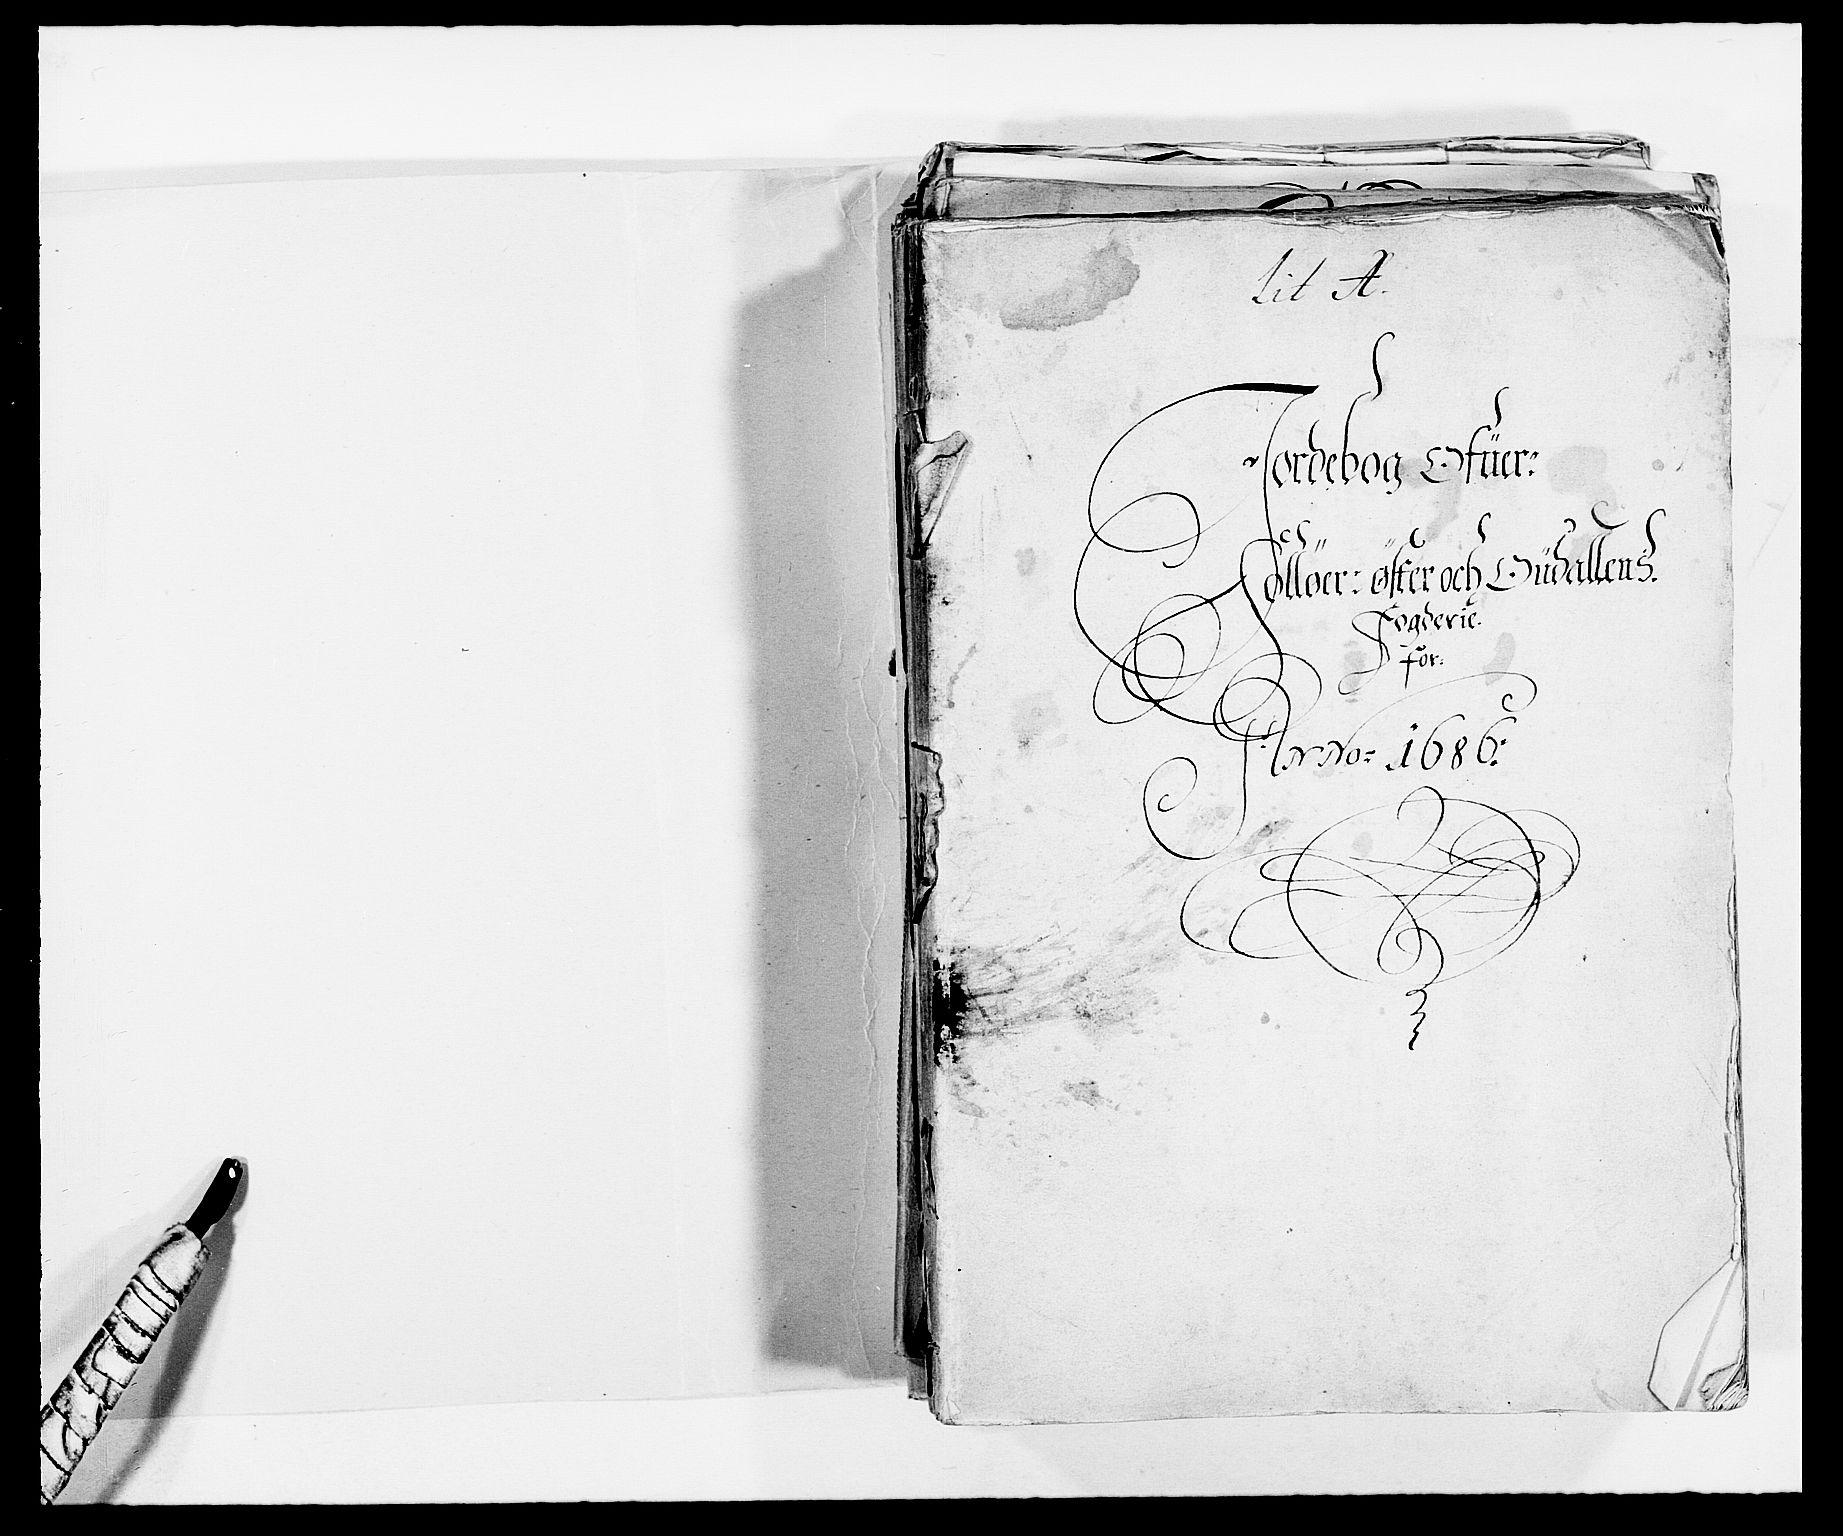 RA, Rentekammeret inntil 1814, Reviderte regnskaper, Fogderegnskap, R13/L0823: Fogderegnskap Solør, Odal og Østerdal, 1686, s. 24